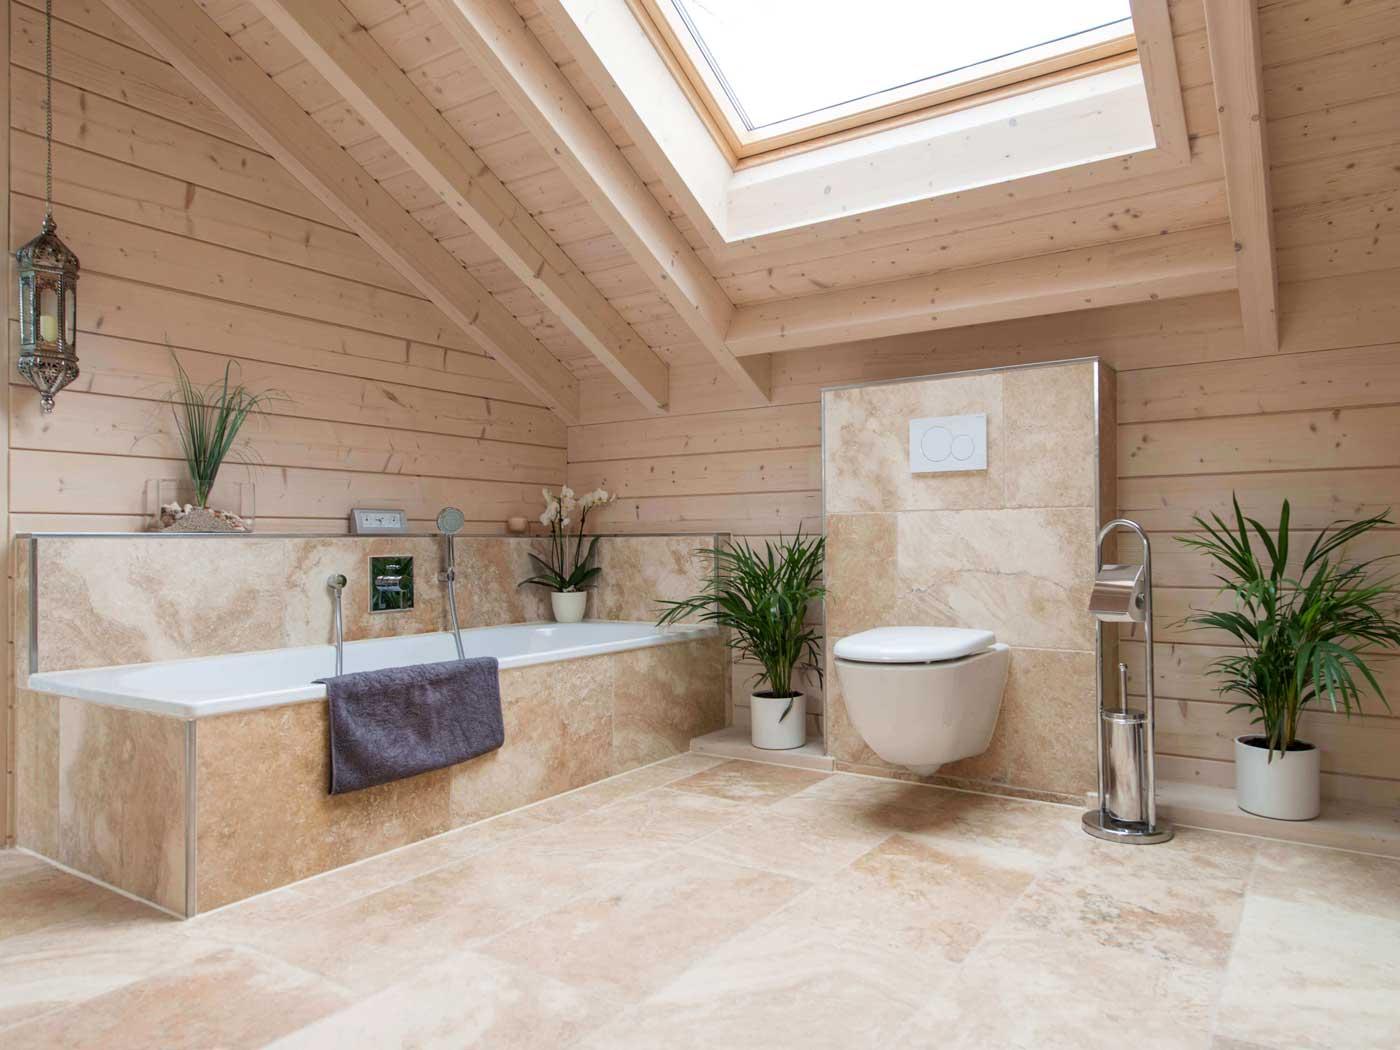 Une salle de bain en travertin sablé et en bois blond avec une baignoire et un velux lumineux